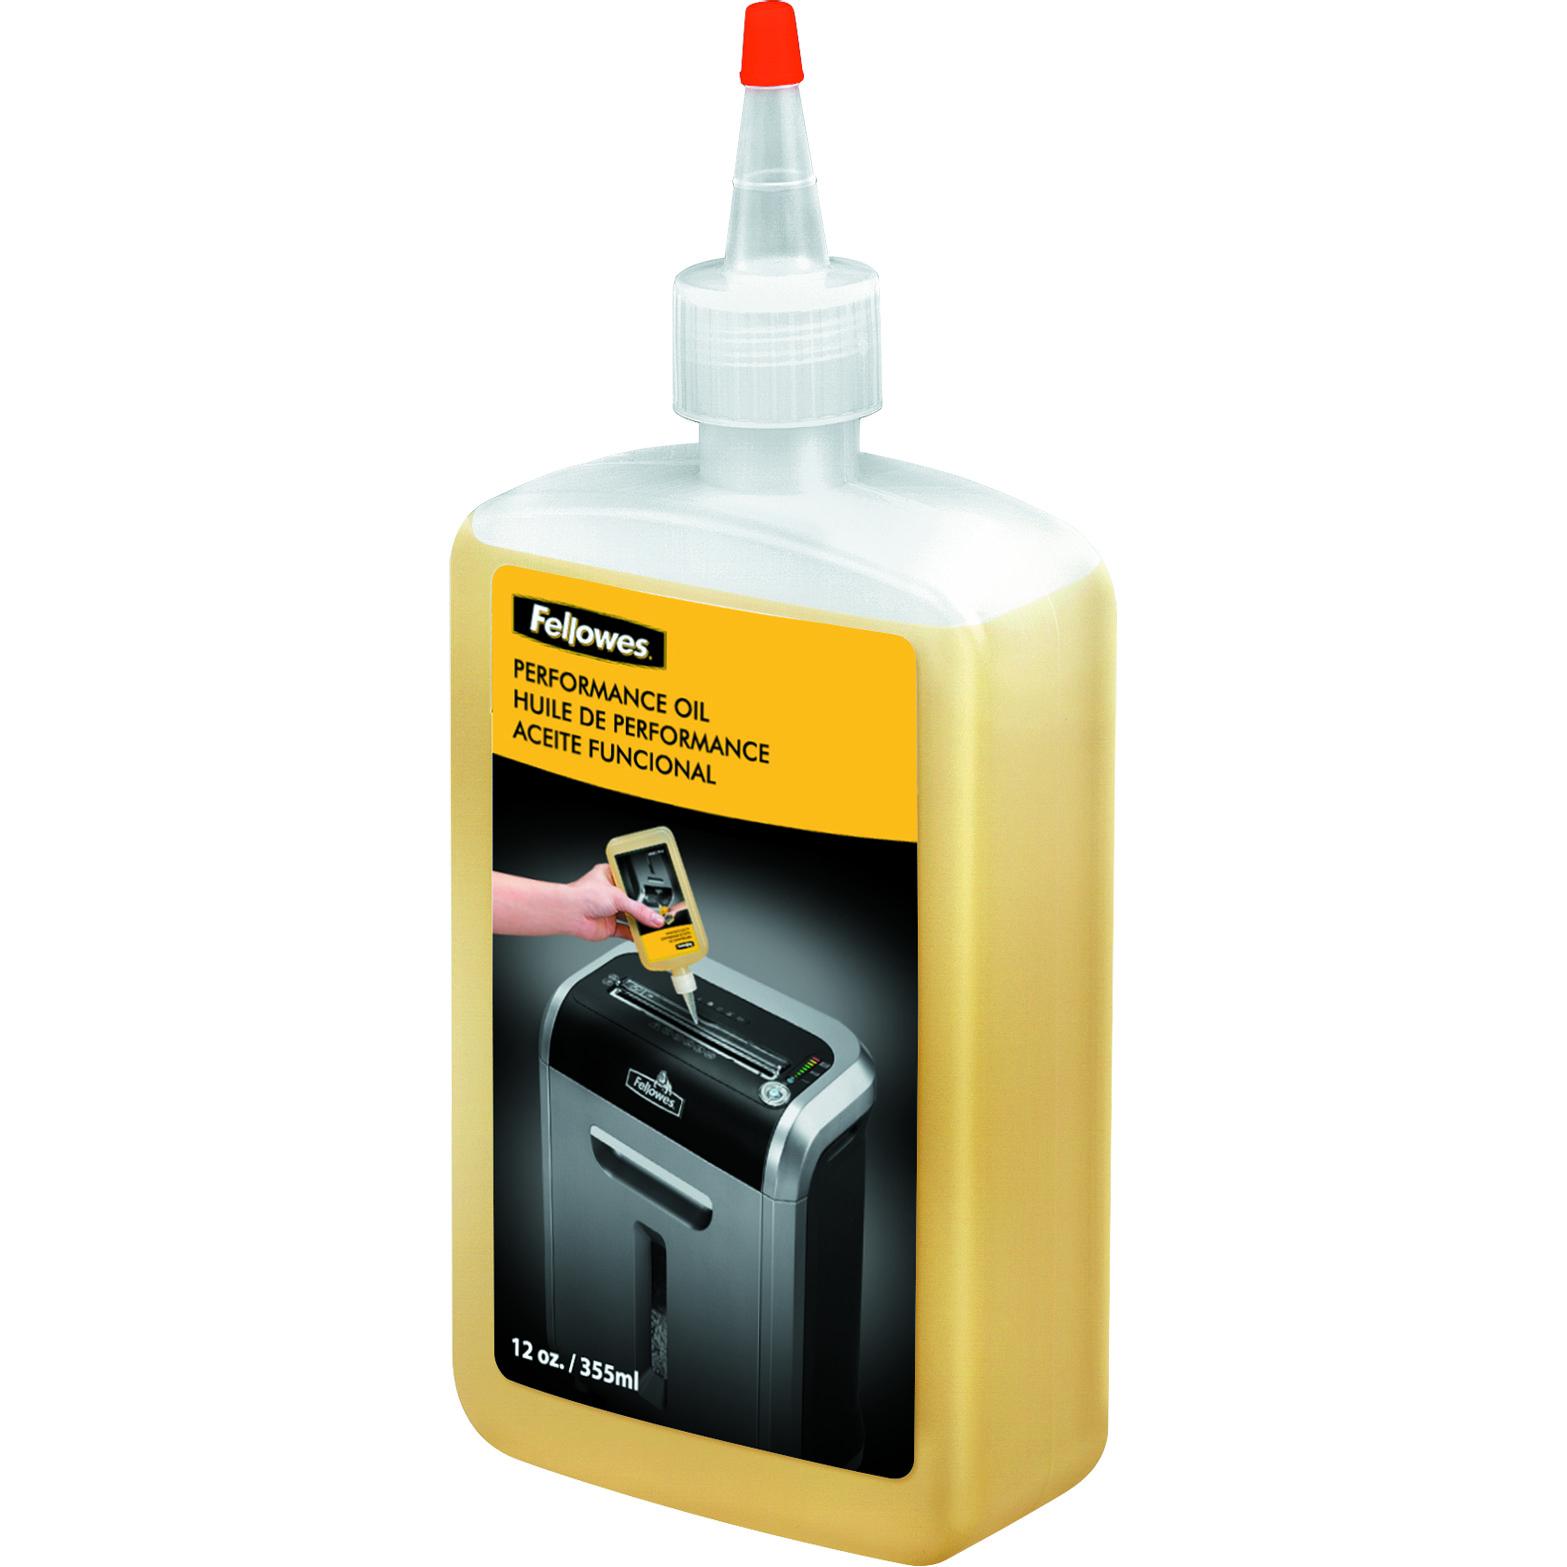 Fellowes Shredder Oil 350ml 35250